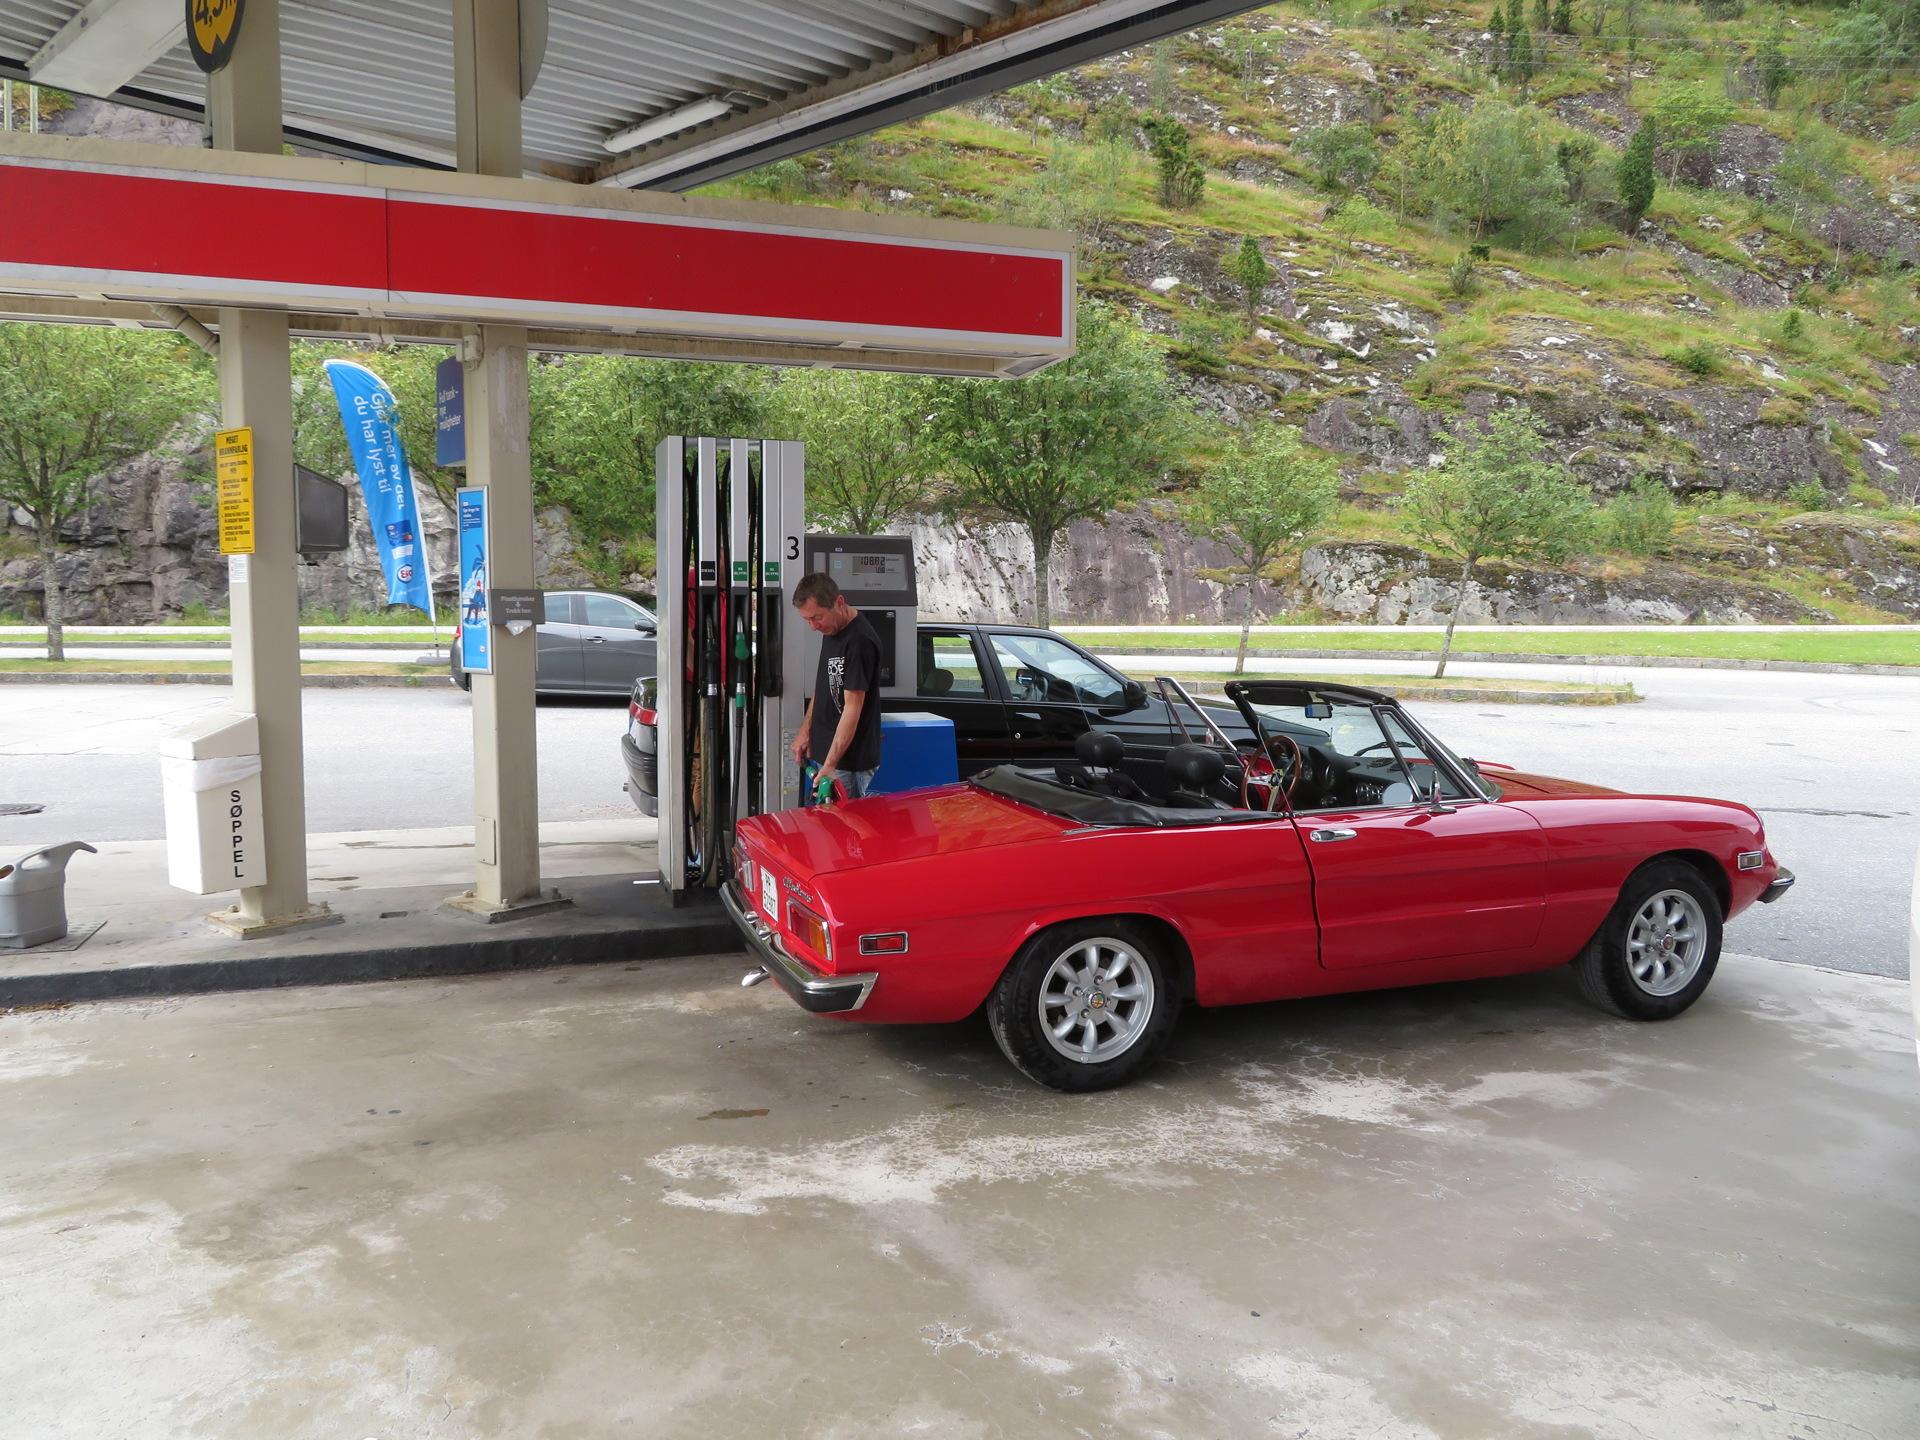 Drivstoff og samling før kjøretur (4).JPG